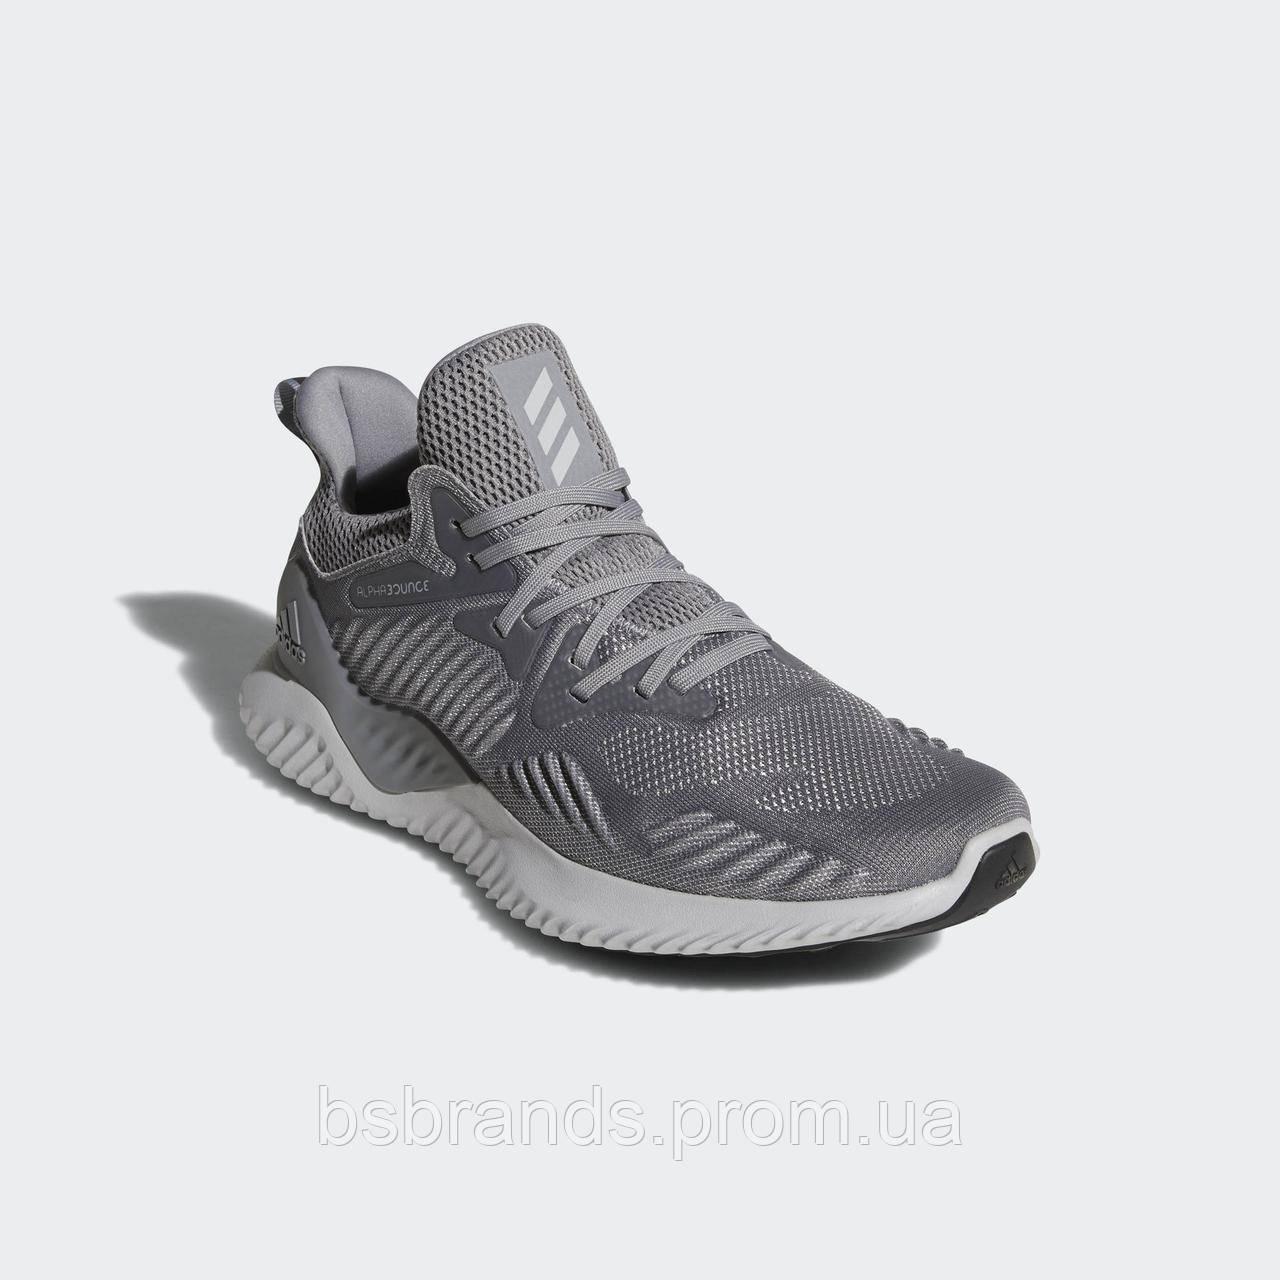 0496bbca Мужские беговые кроссовки Adidas ALPHABOUNCE BEYOND - «BestSportBrands» –  Лучший Спортивный Мультибрендовый интернет-